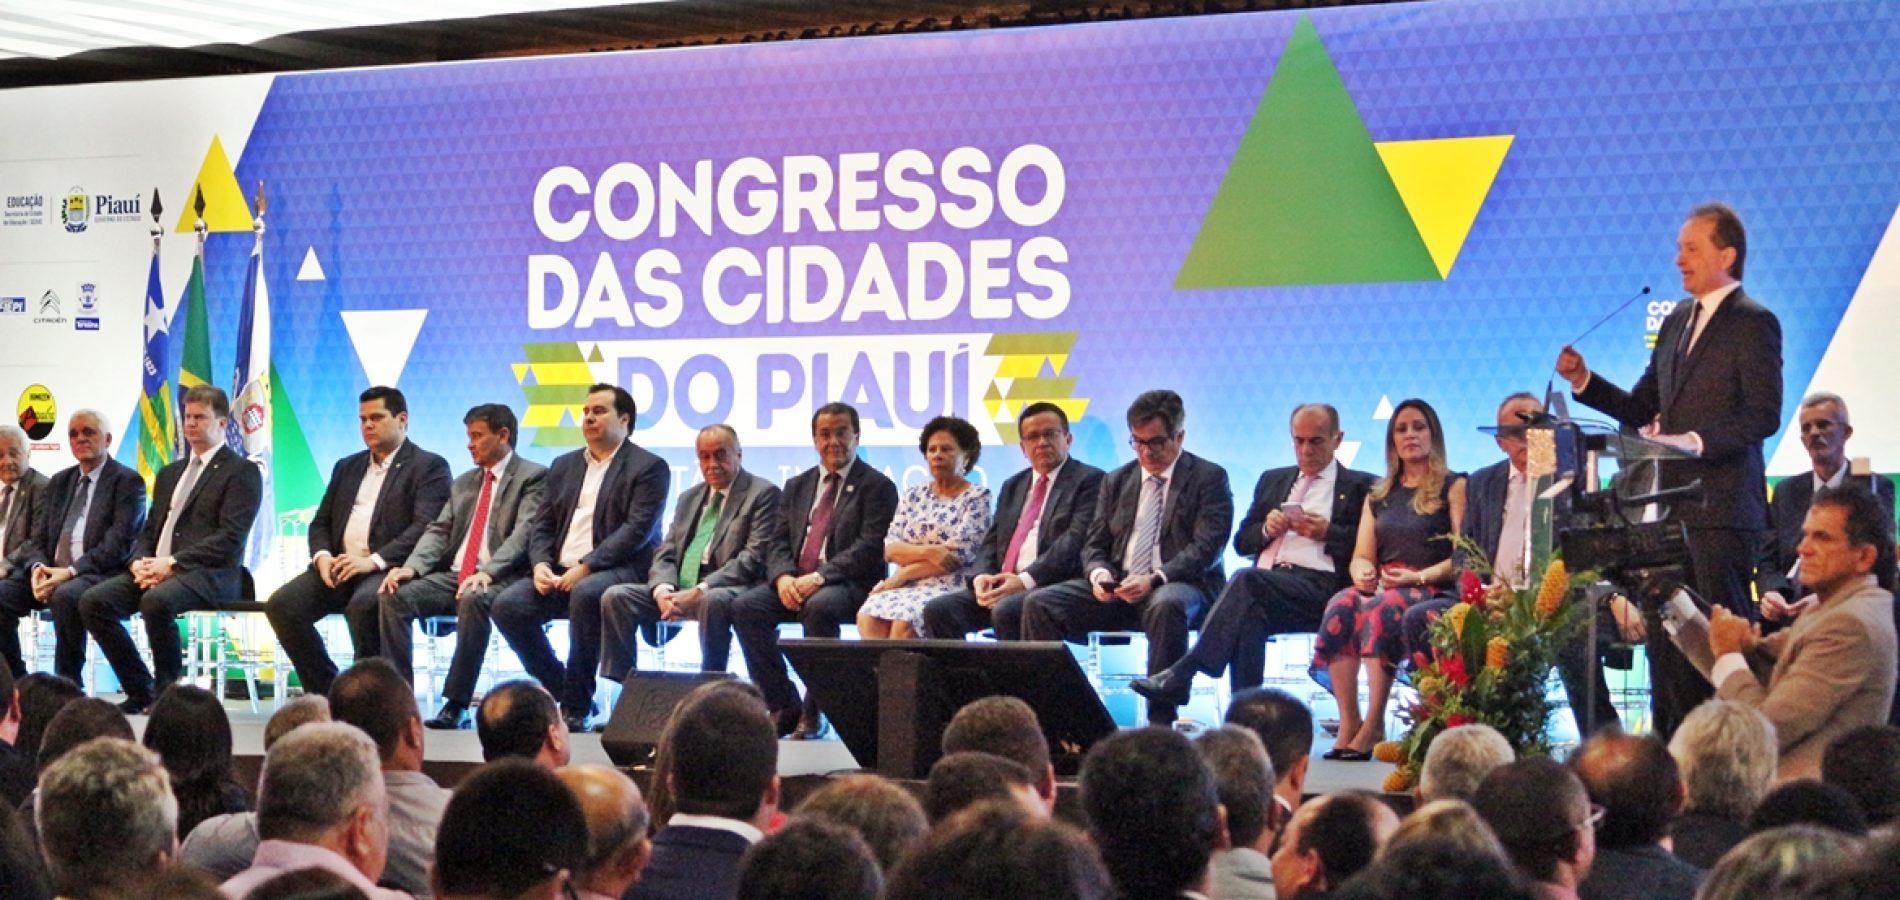 II Congresso das Cidades é iniciado com a participação de mais de 200 prefeitos